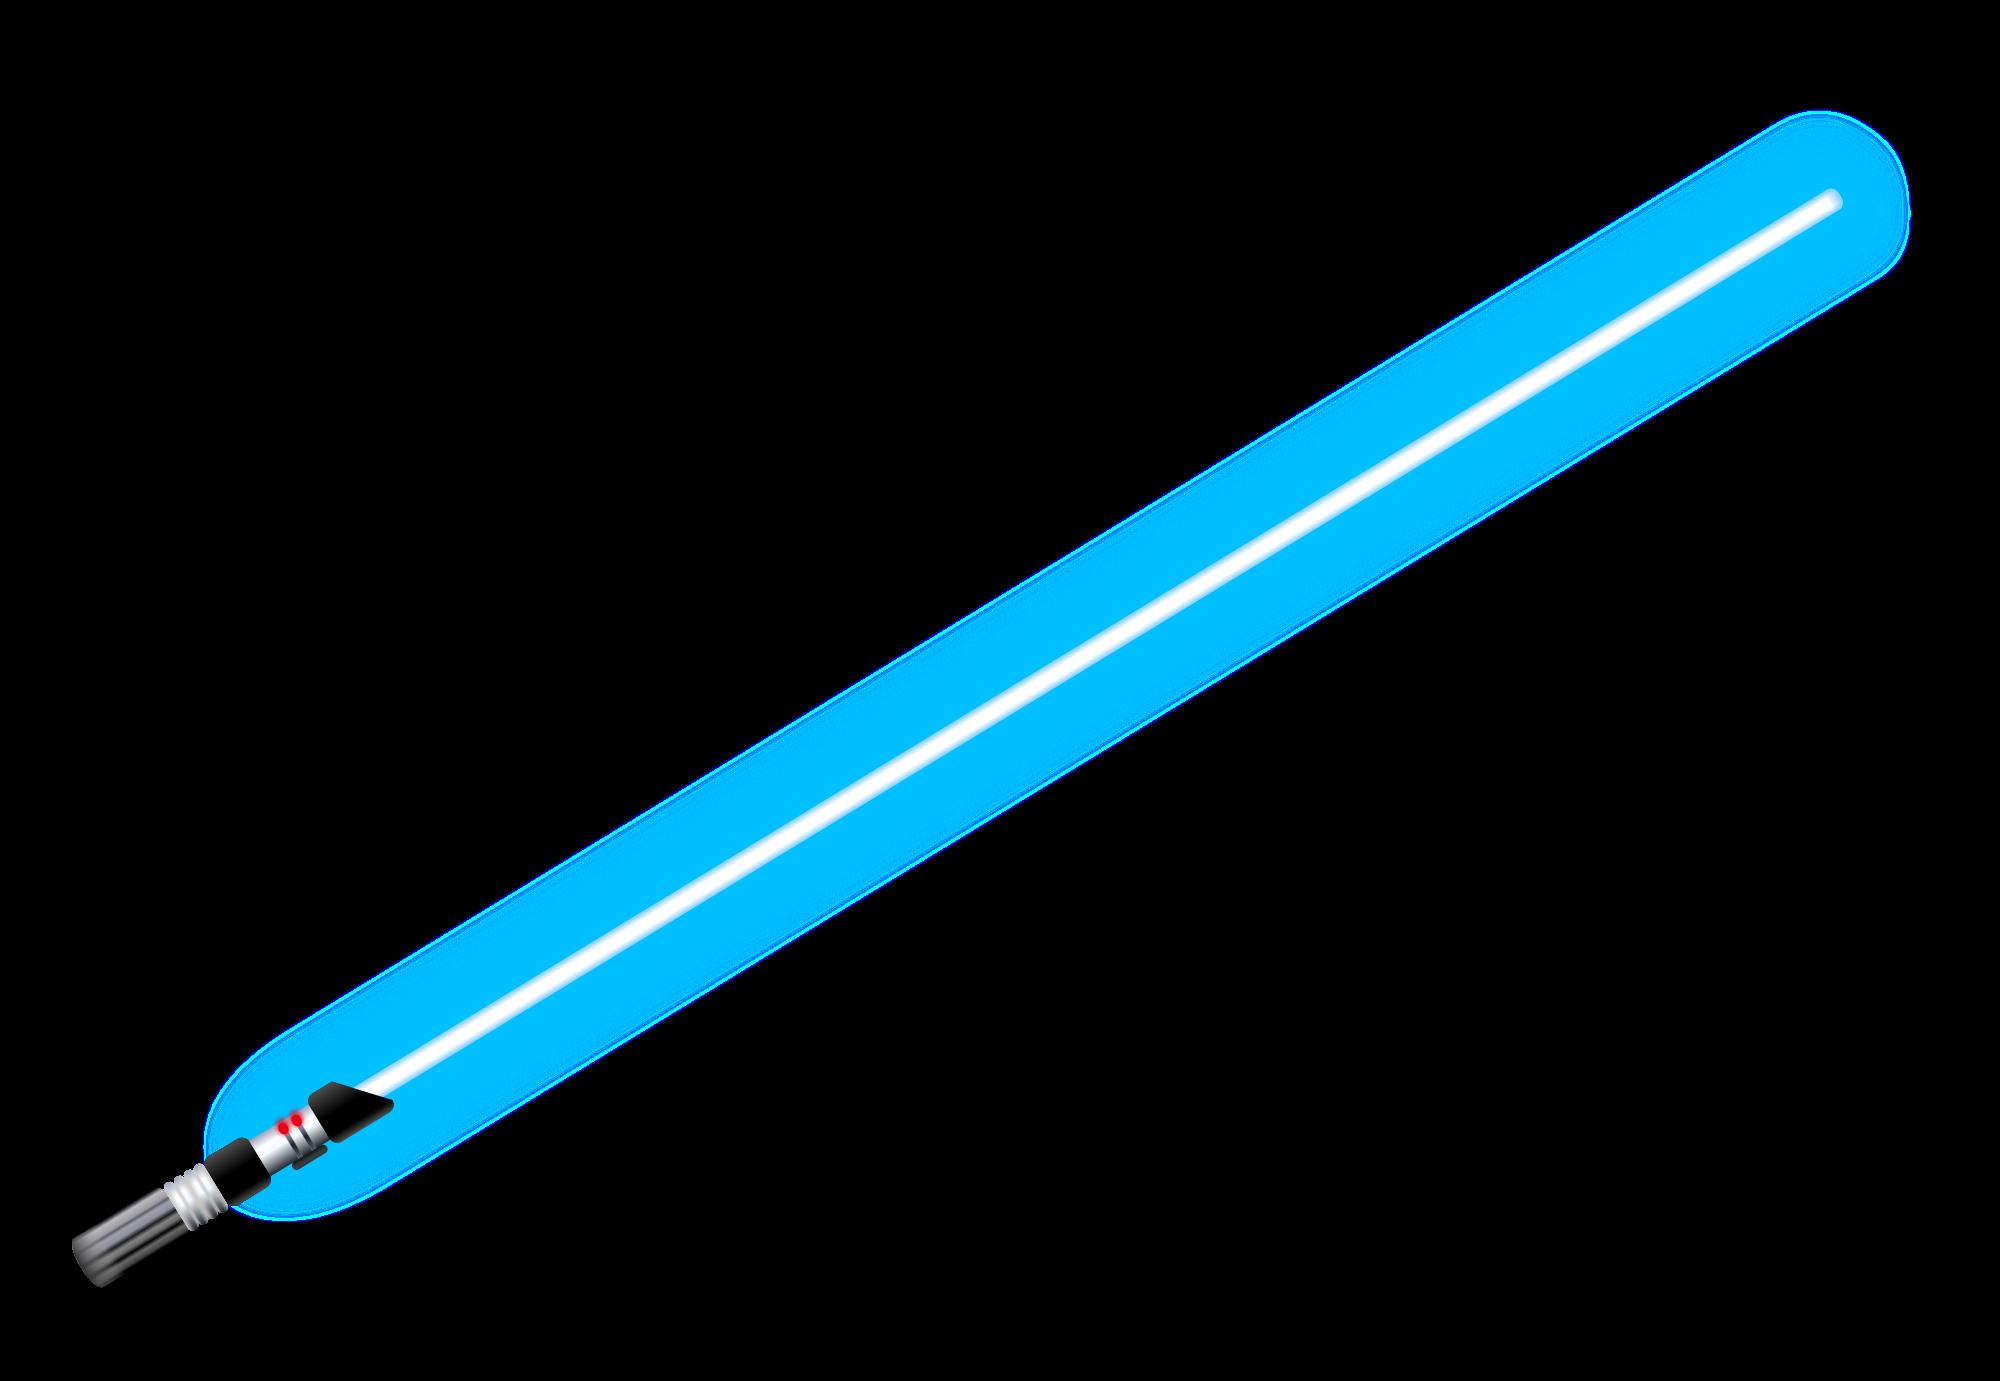 clip royalty free download File blue svg wikimedia. Lightsaber clipart light saber.